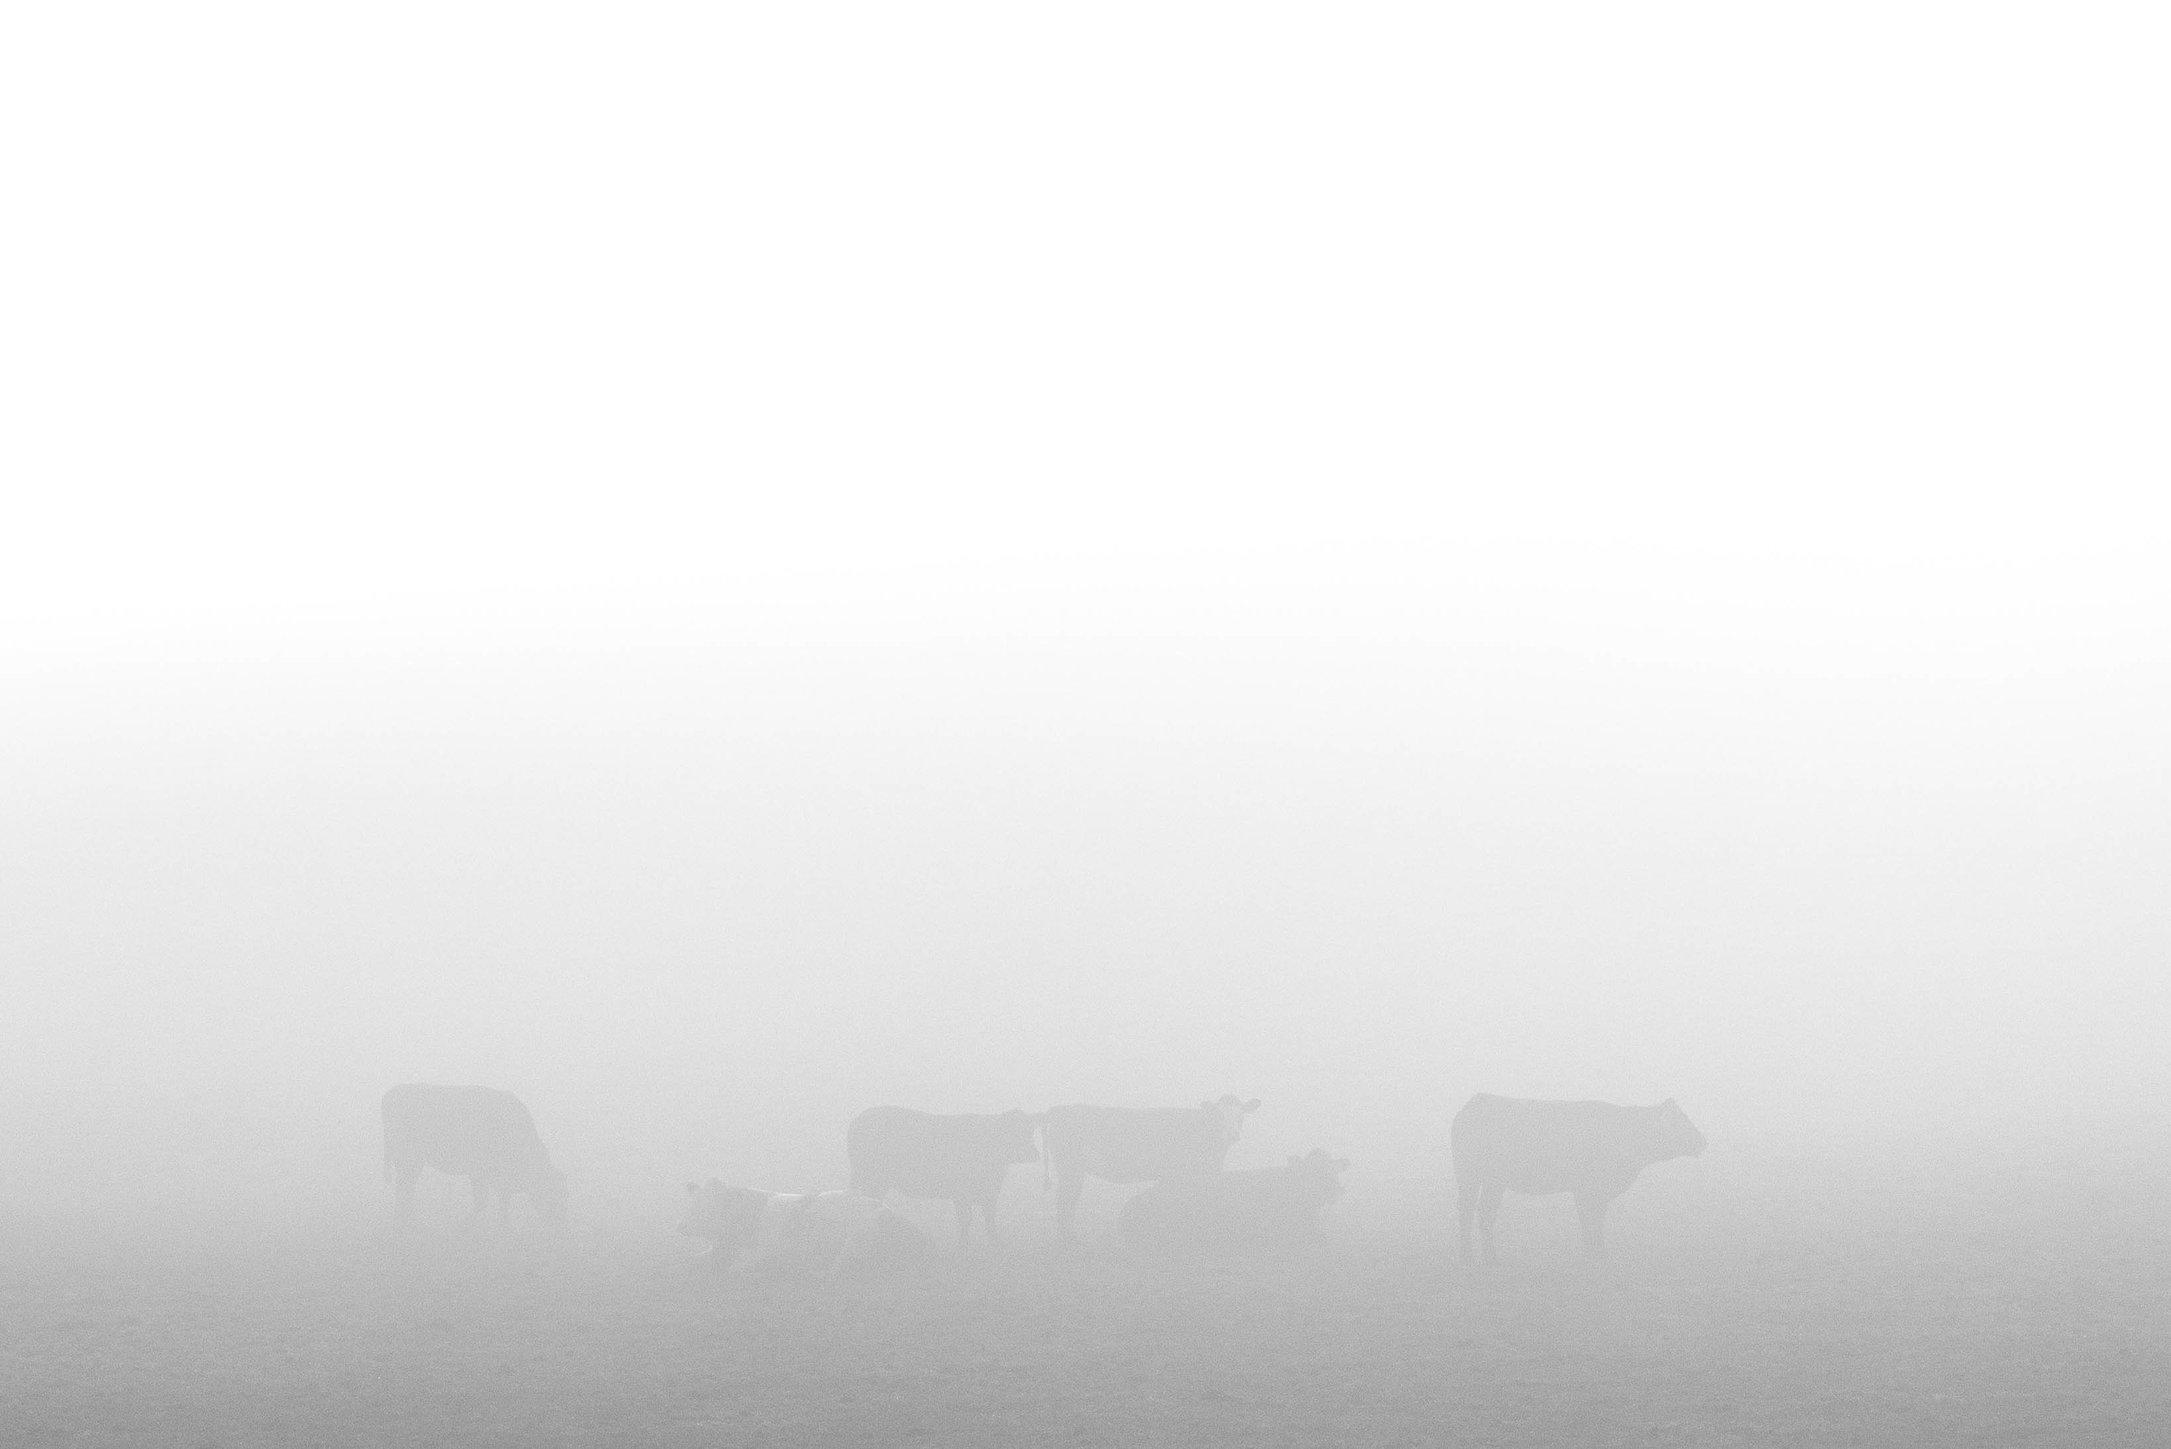 Ça c'est du Brouillard!